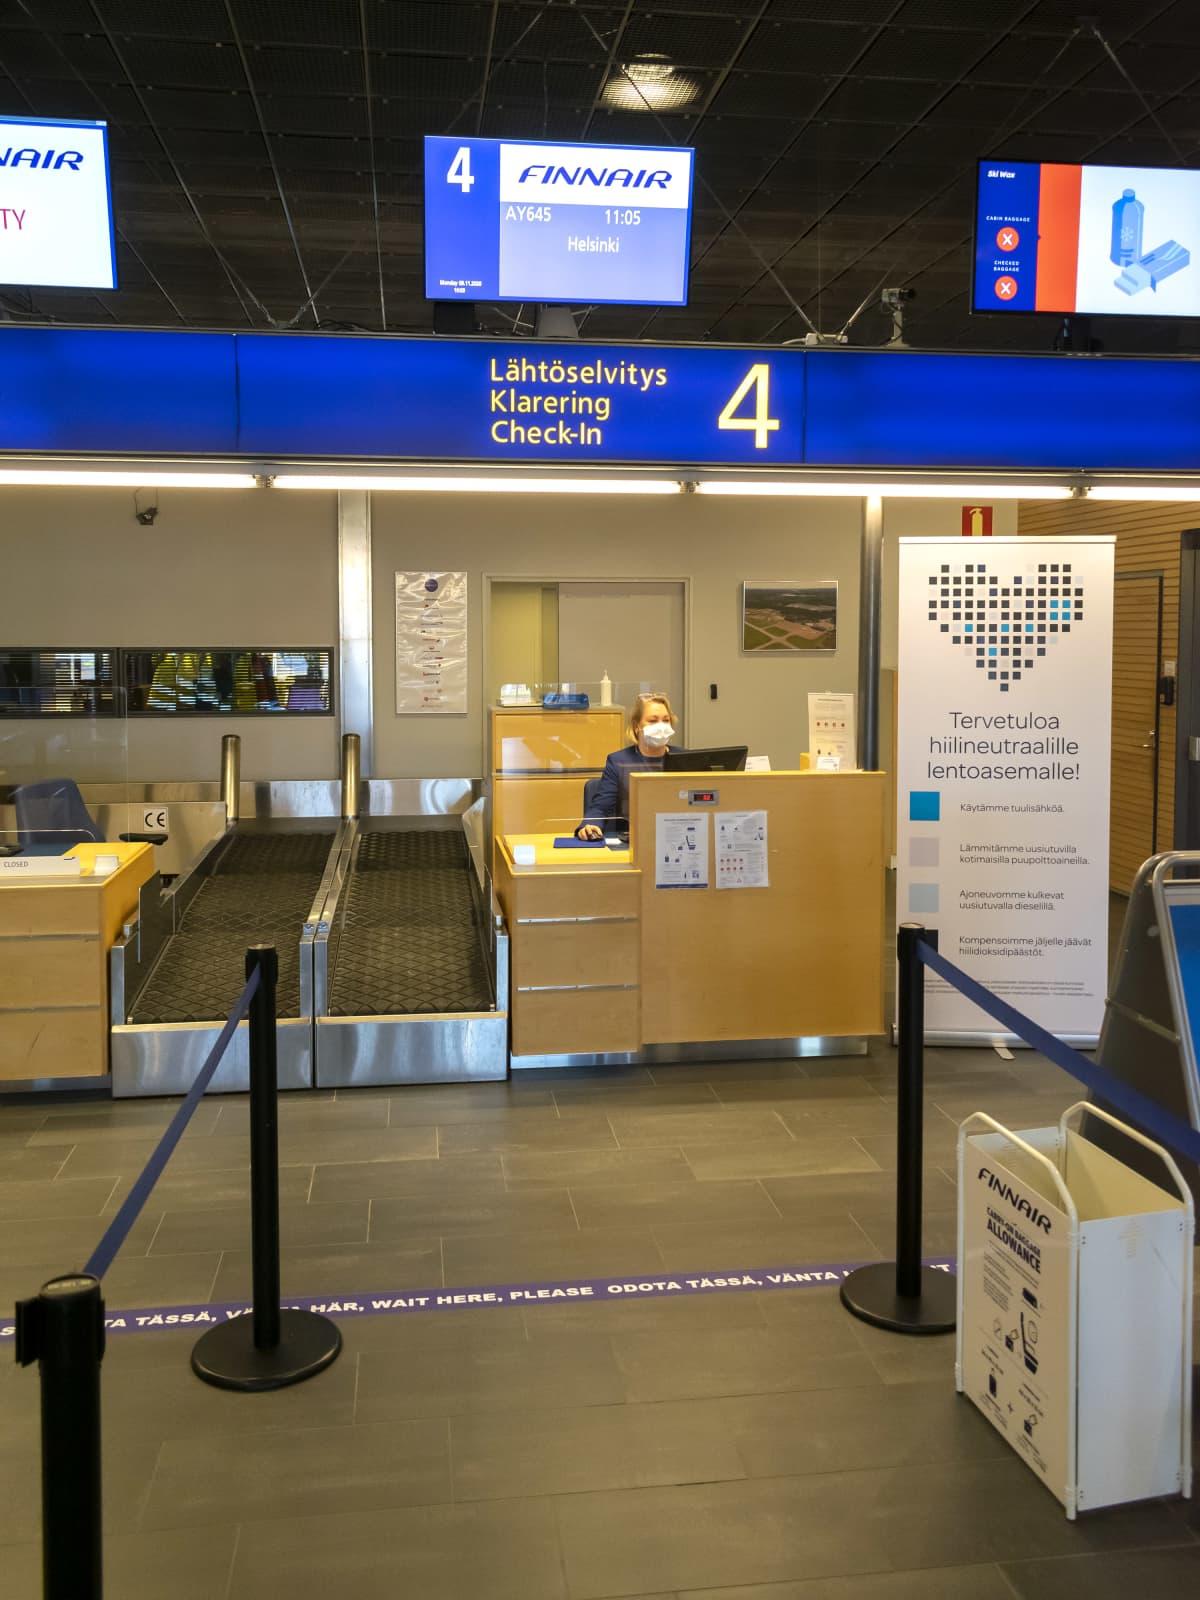 Lähtöselvitys Finnairin lennolle.